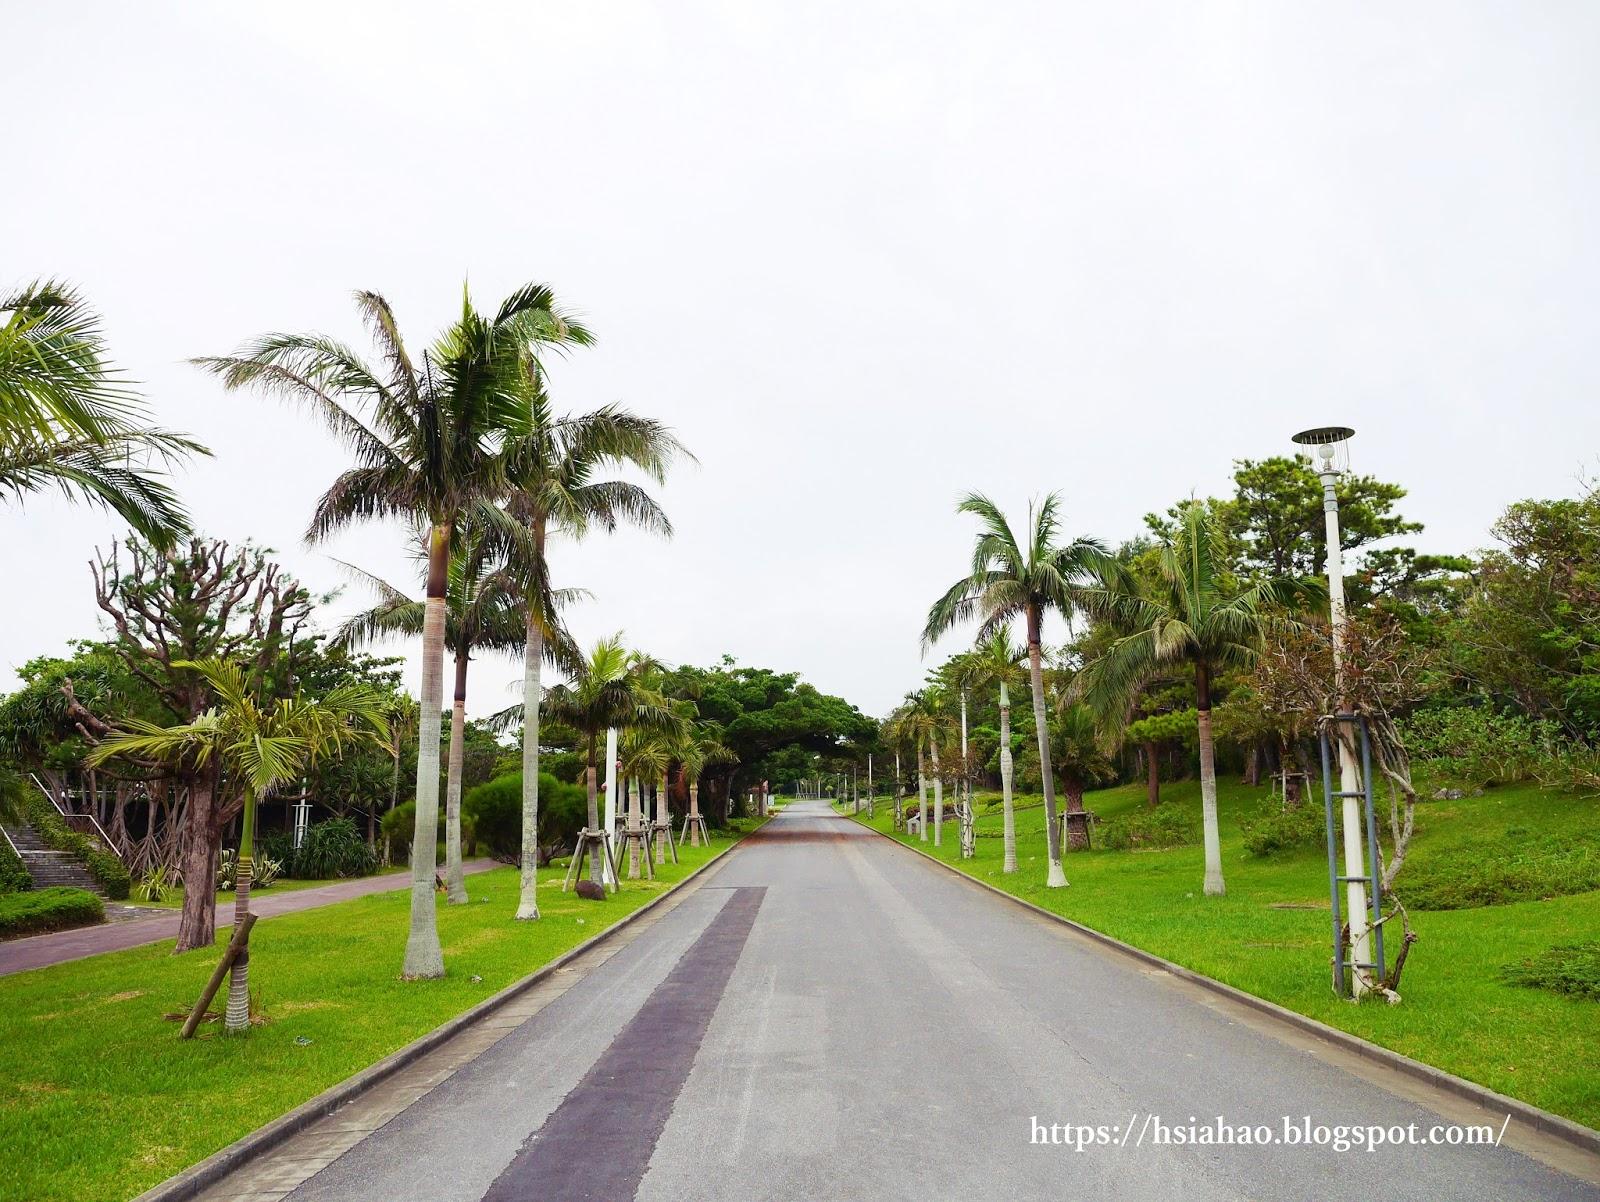 沖繩-海洋博公園-熱帶亞熱帶都市綠化植物園-景點-自由行-旅遊-旅行-okinawa-ocean-expo-park